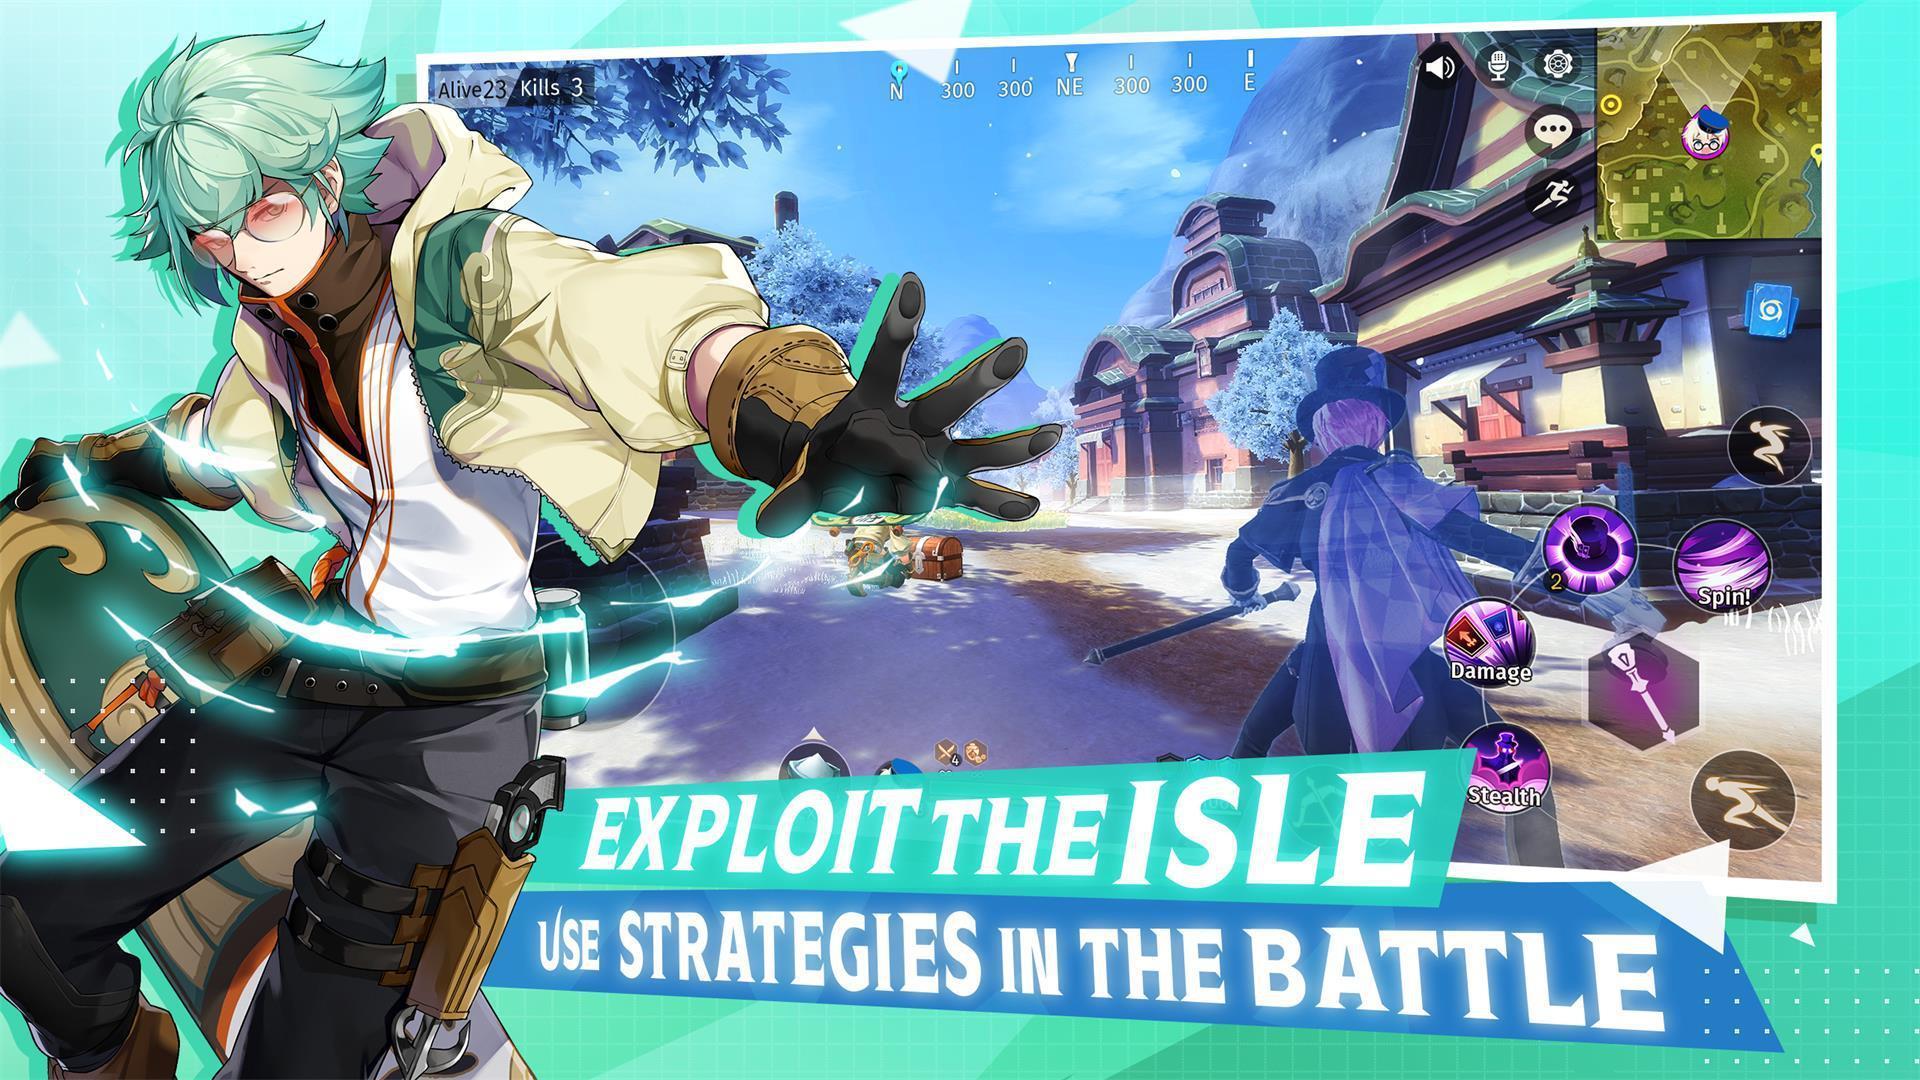 风云岛行动(Eclipse Isle) 游戏截图4